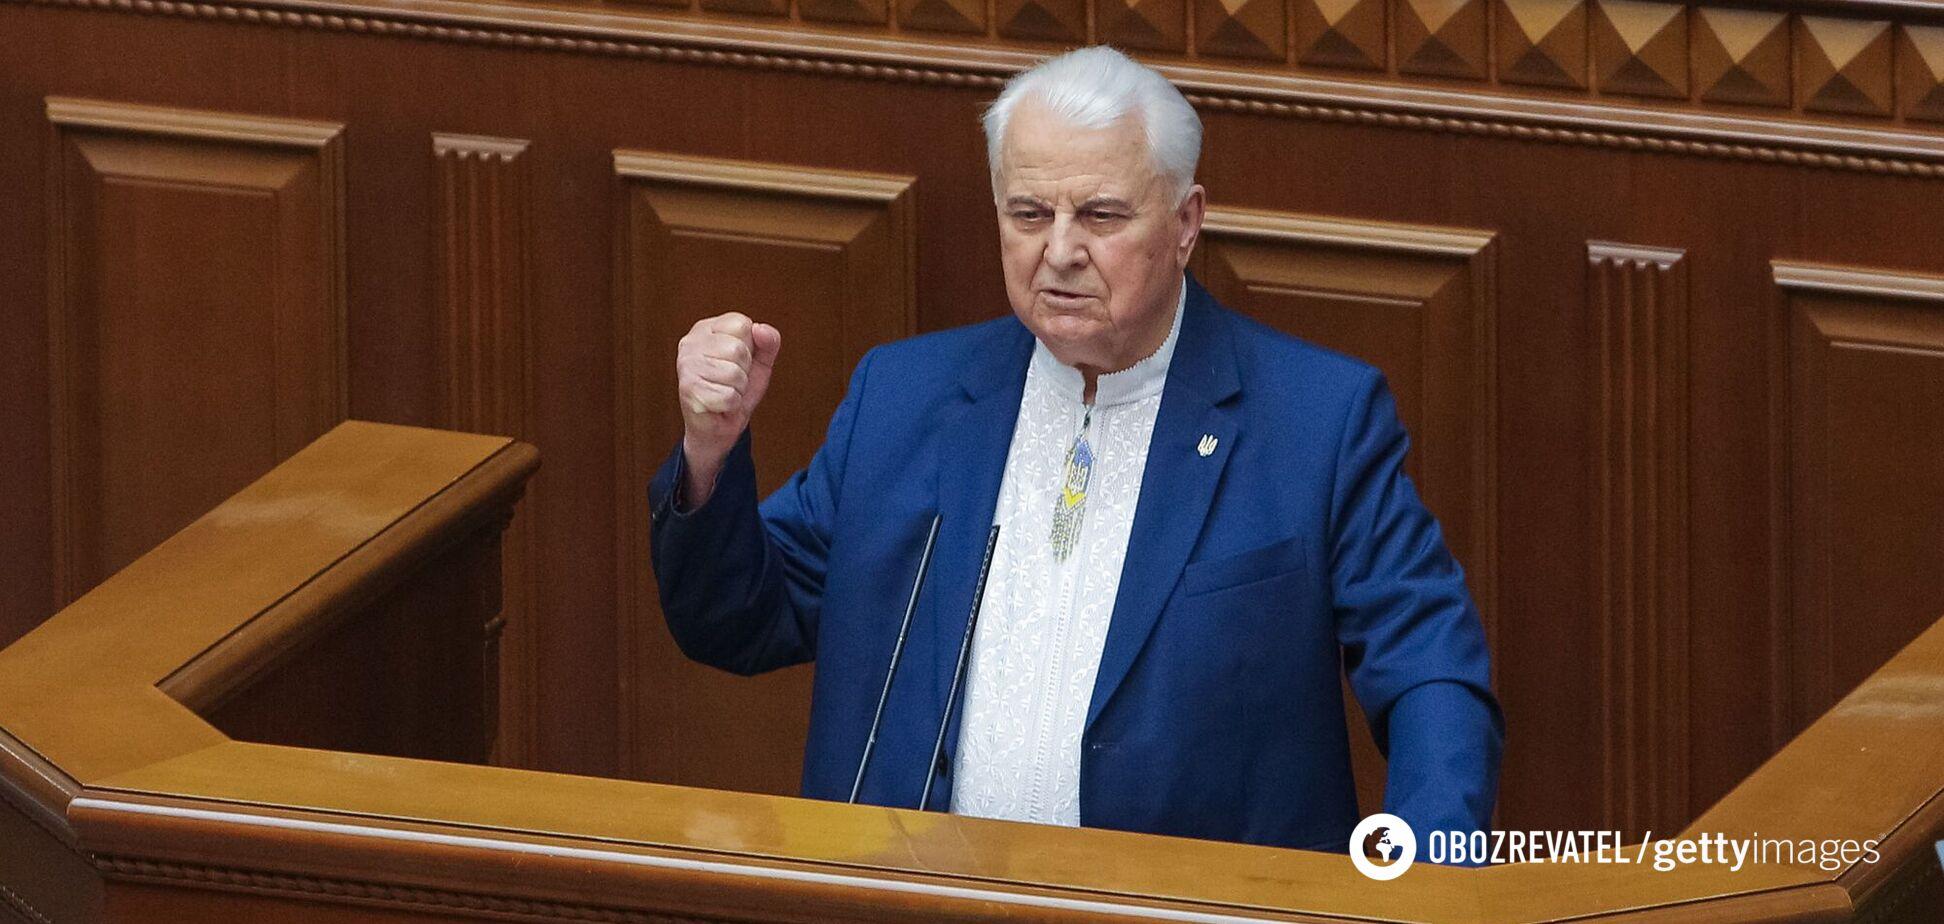 Кравчук сказал, как заставить Россию возобновить переговоры по Донбассу